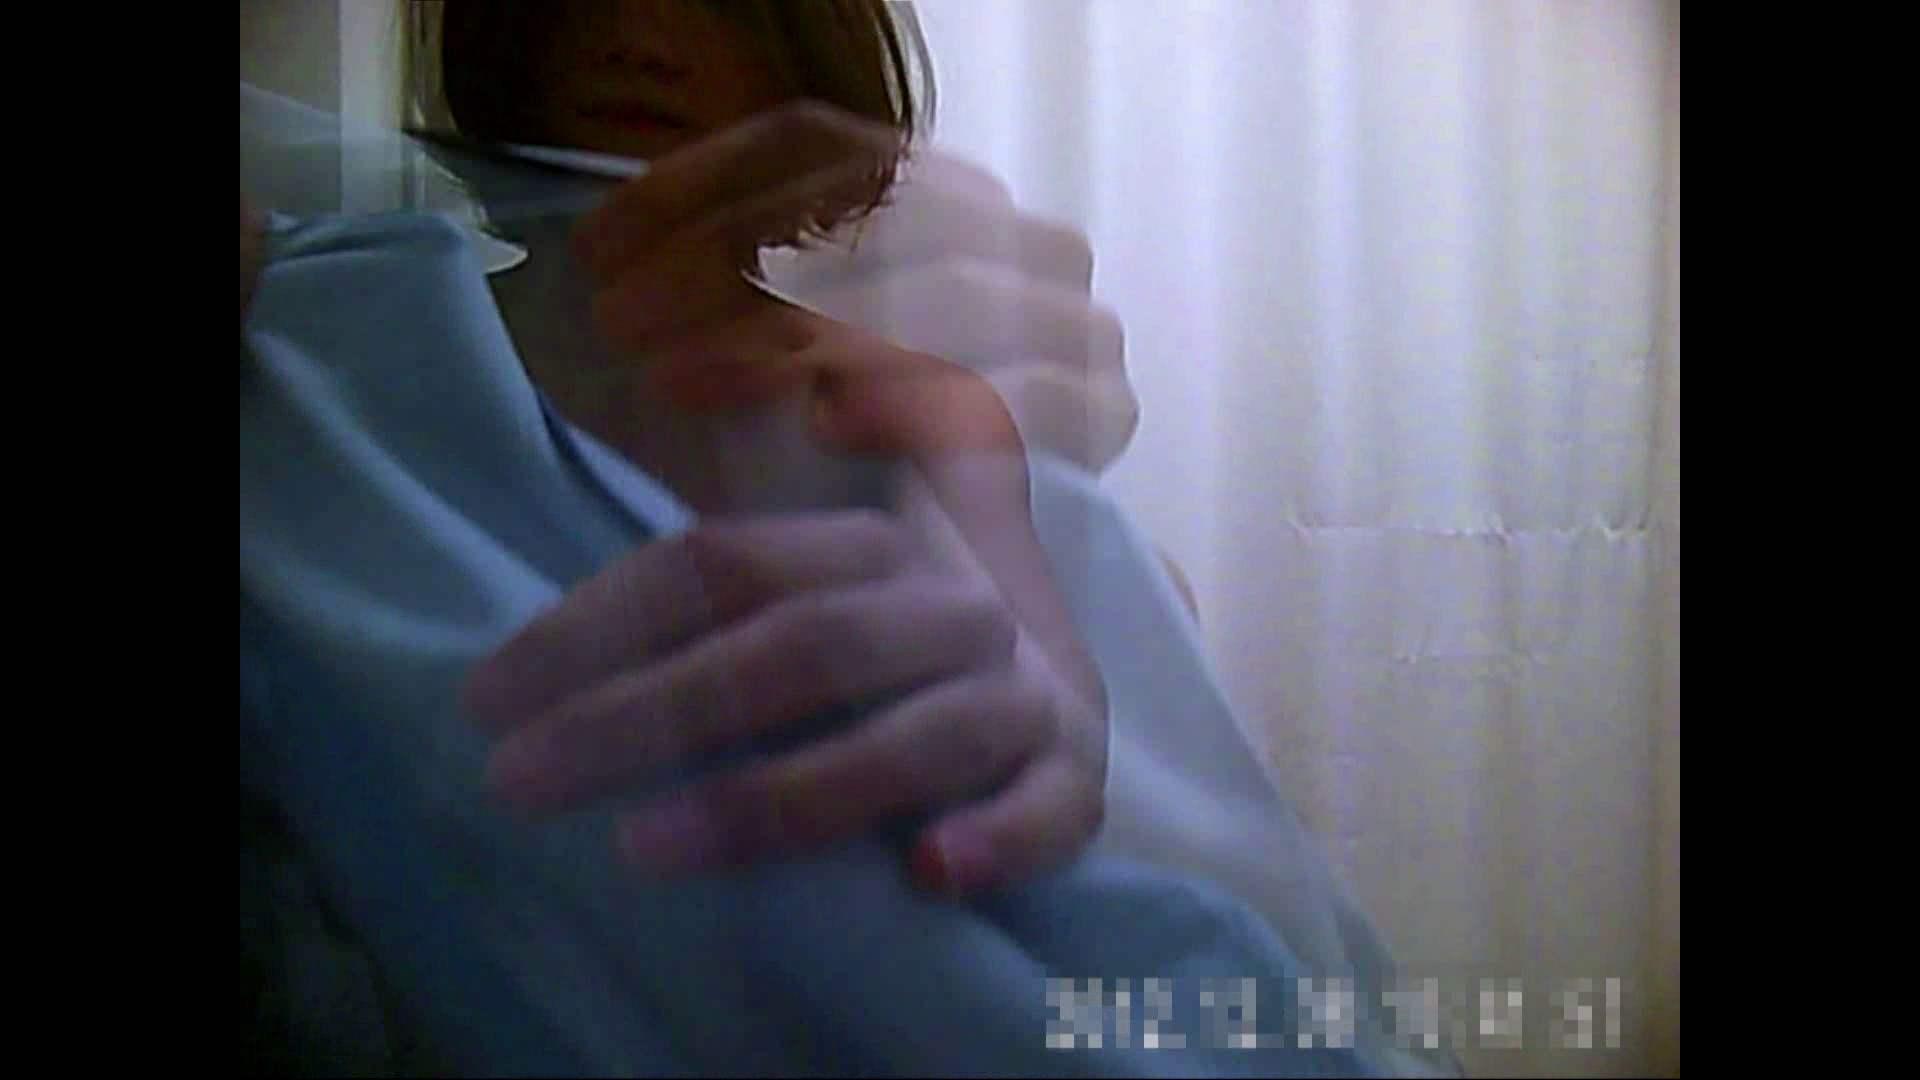 病院おもいっきり着替え! vol.171 おっぱい スケベ動画紹介 91pic 52